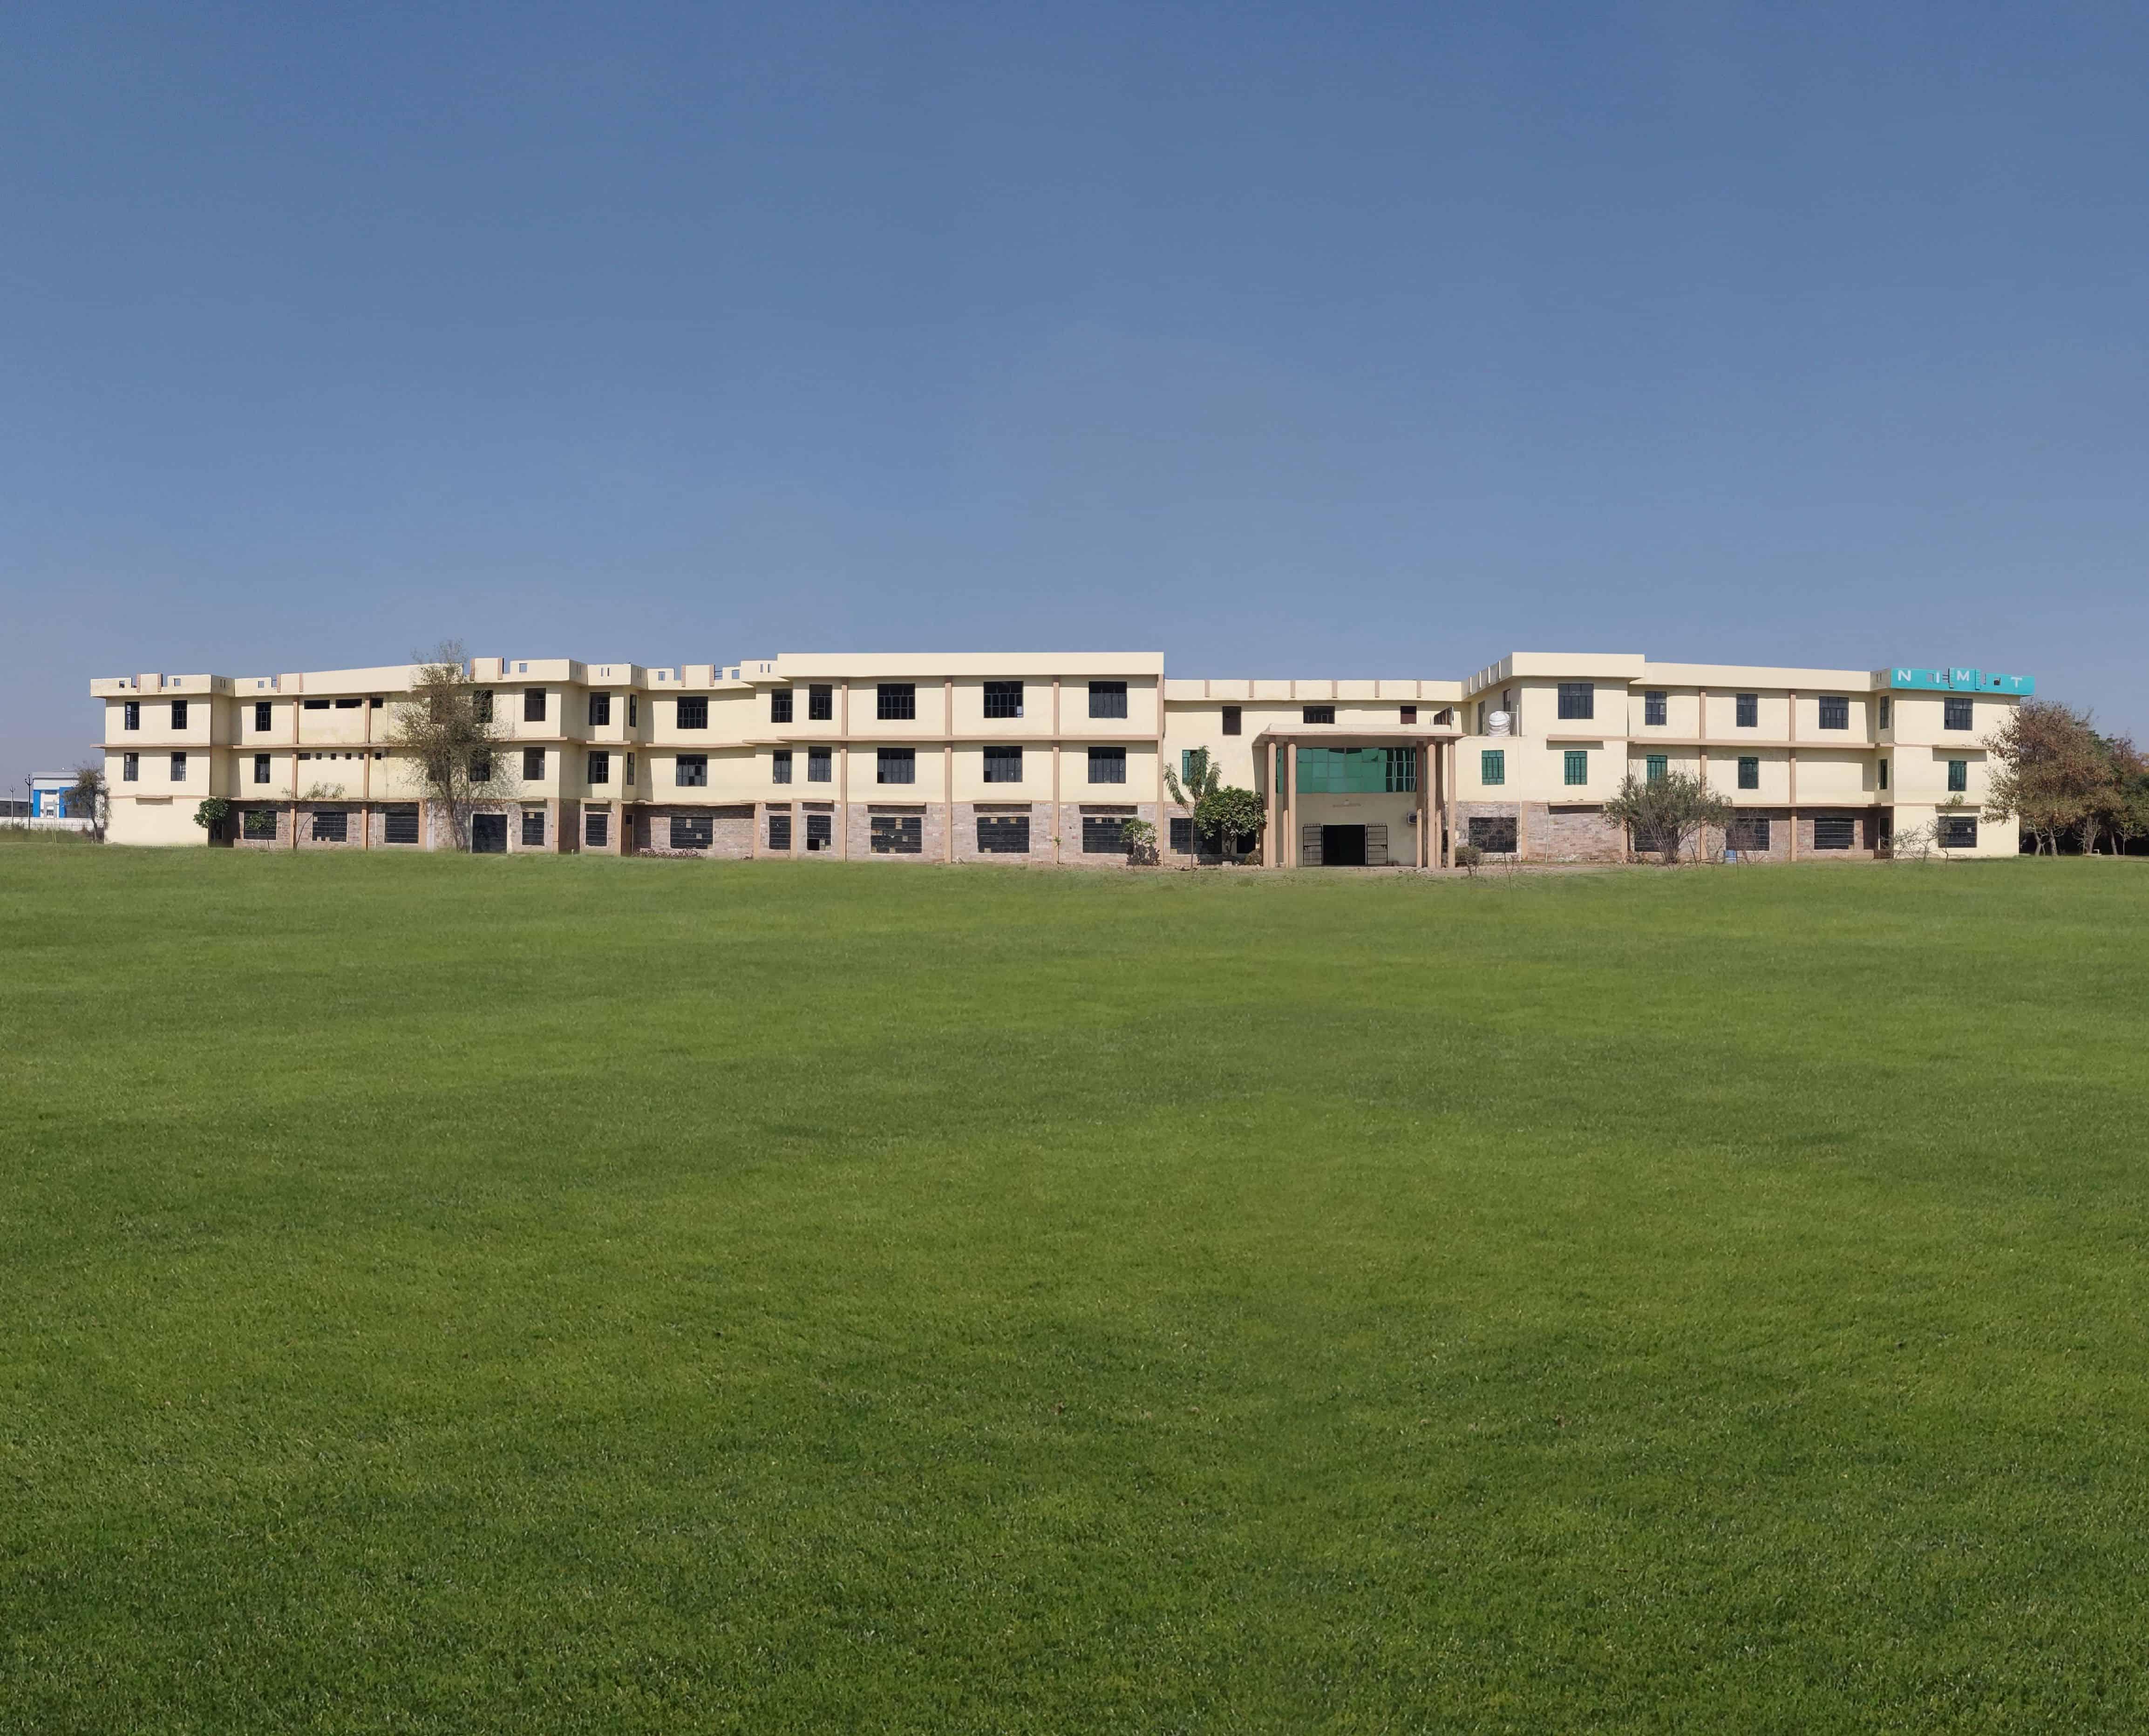 NIMT Mahila B.Ed College, Kotputli Jaipur